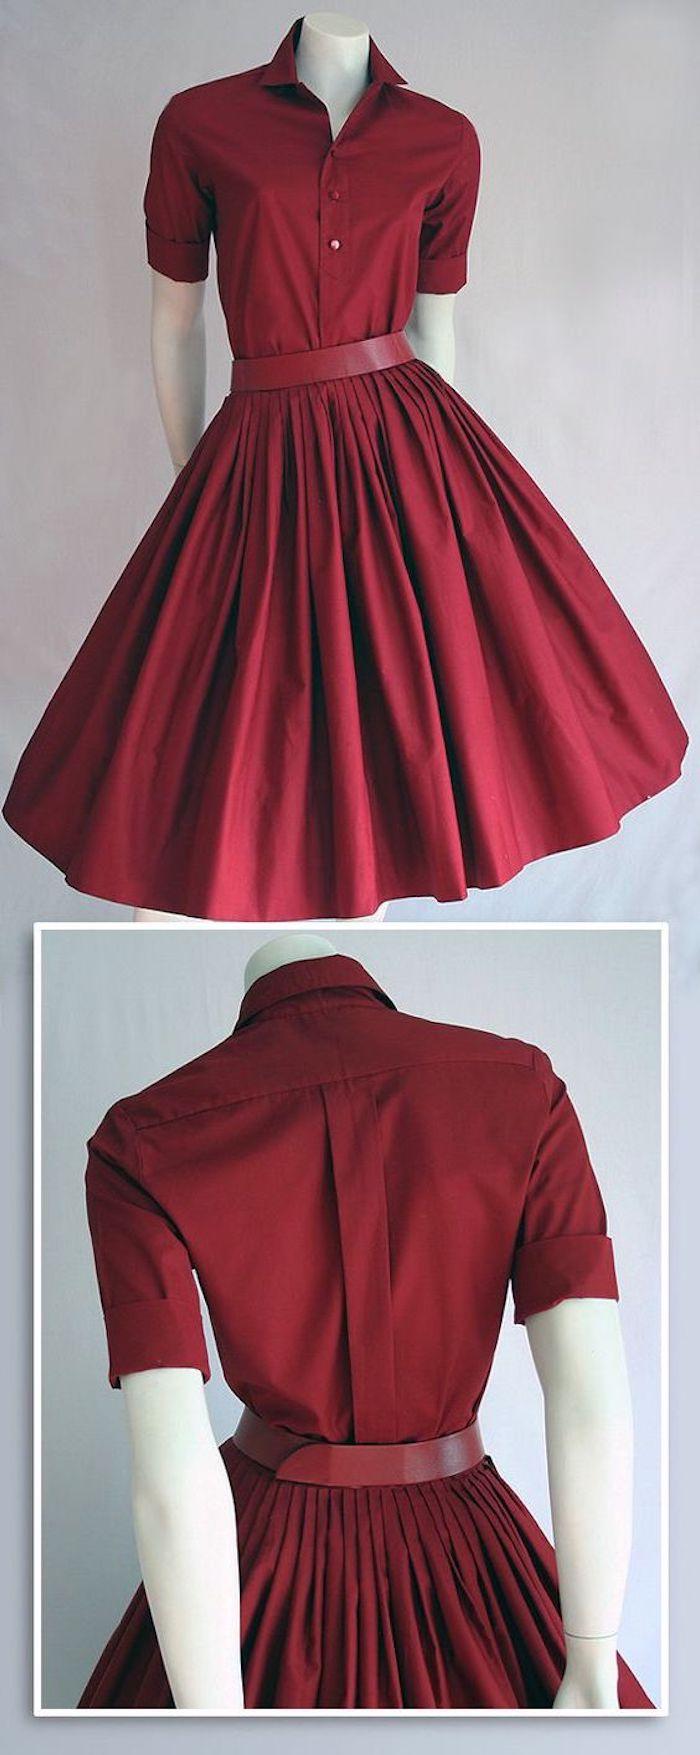 knielanges Kleid in Weinrot mit Plissee und Hemdkragen, roter Kleidergürtel